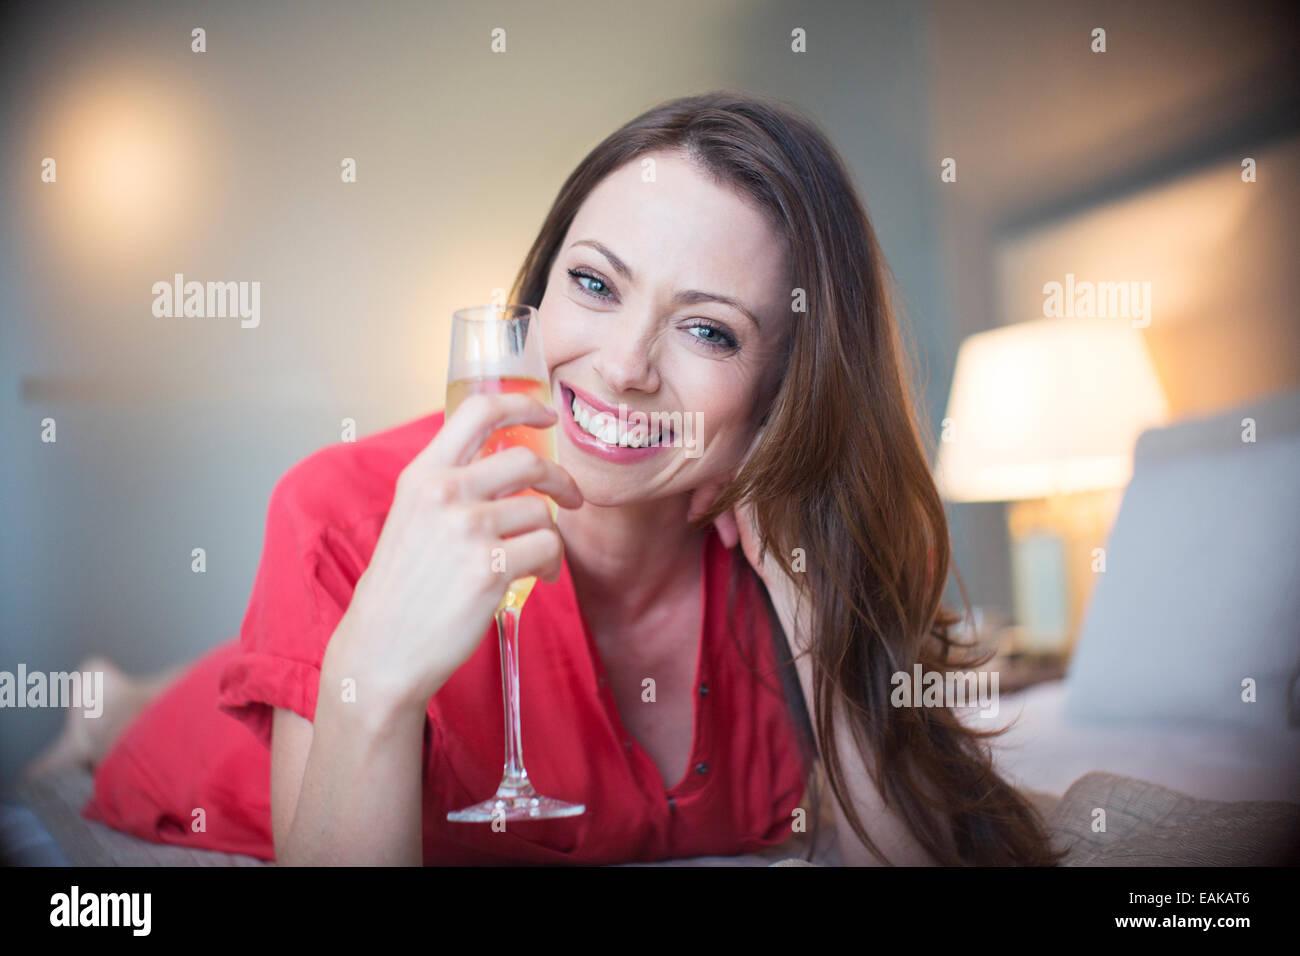 Porträt der lächelnde Frau auf Bett liegend mit Sektglas Stockfoto